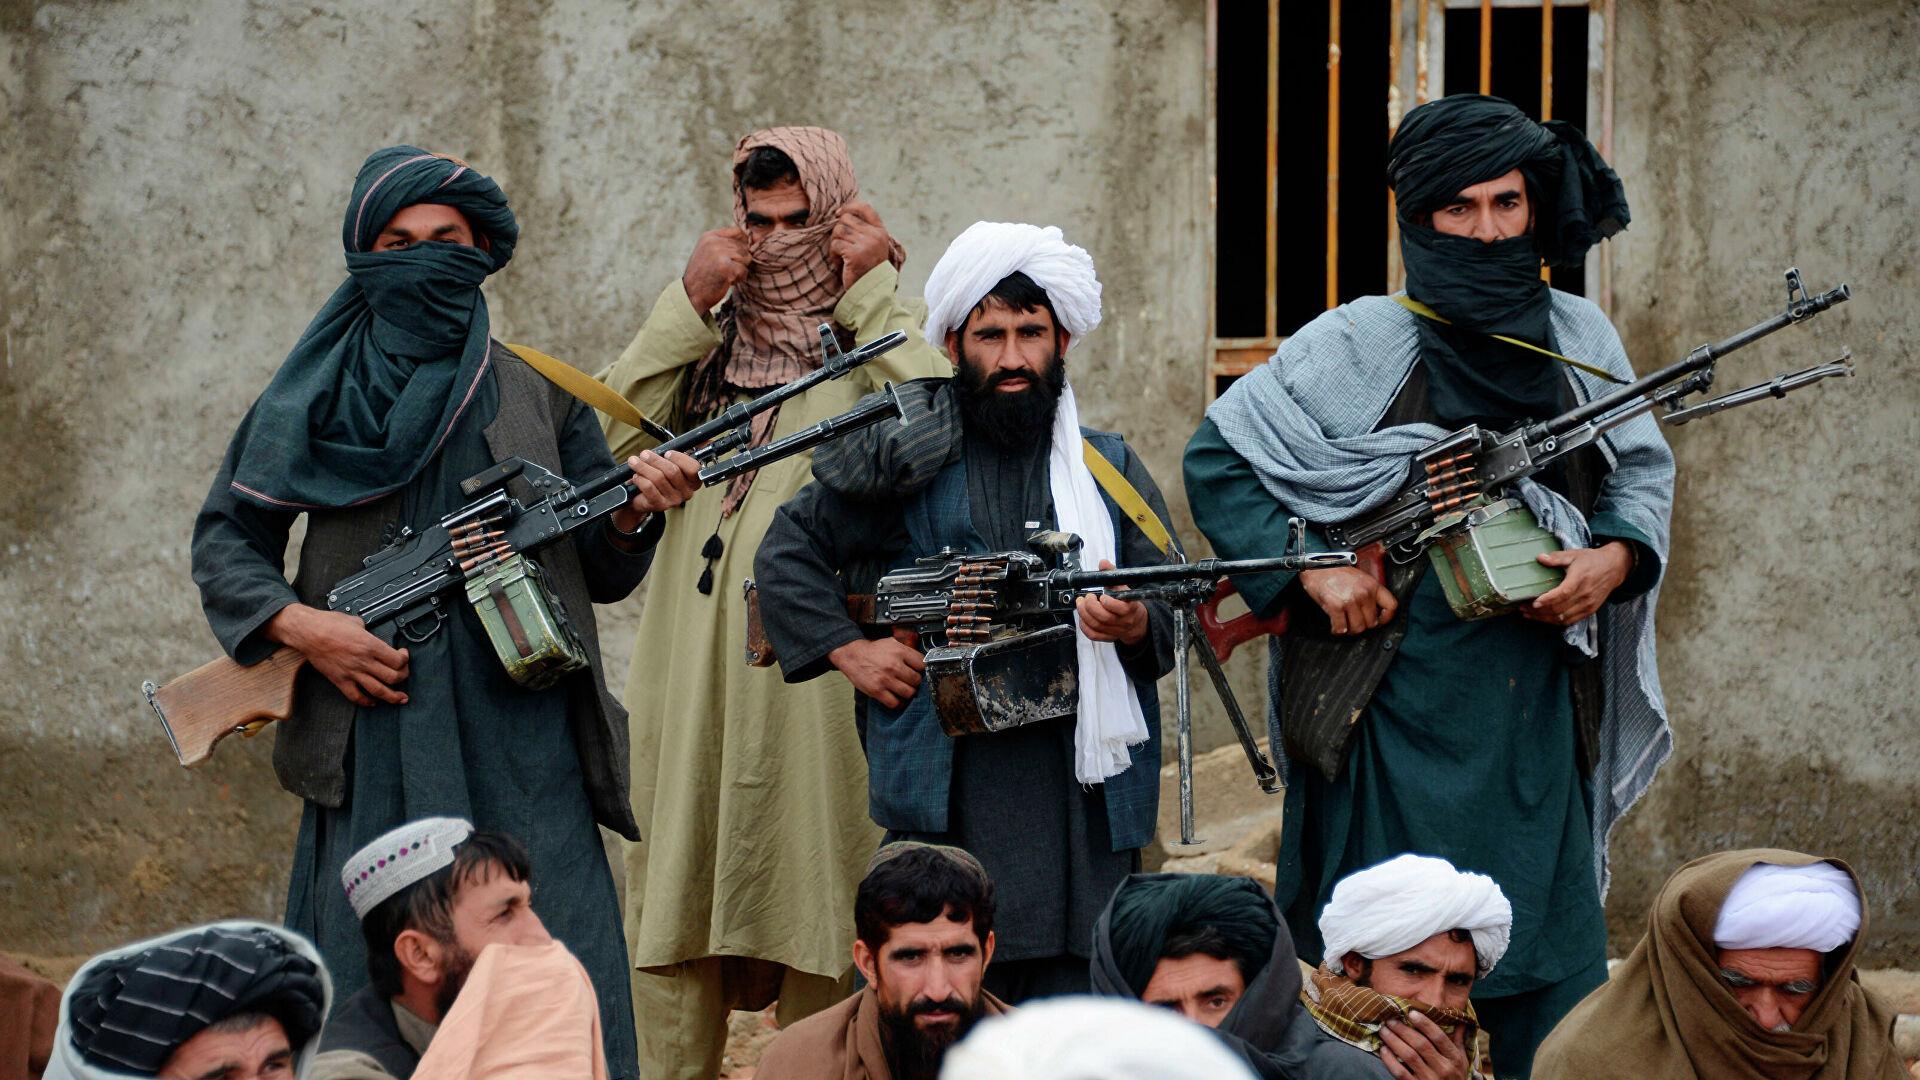 «Талибан» взял под контроль всю территорию Афганистана